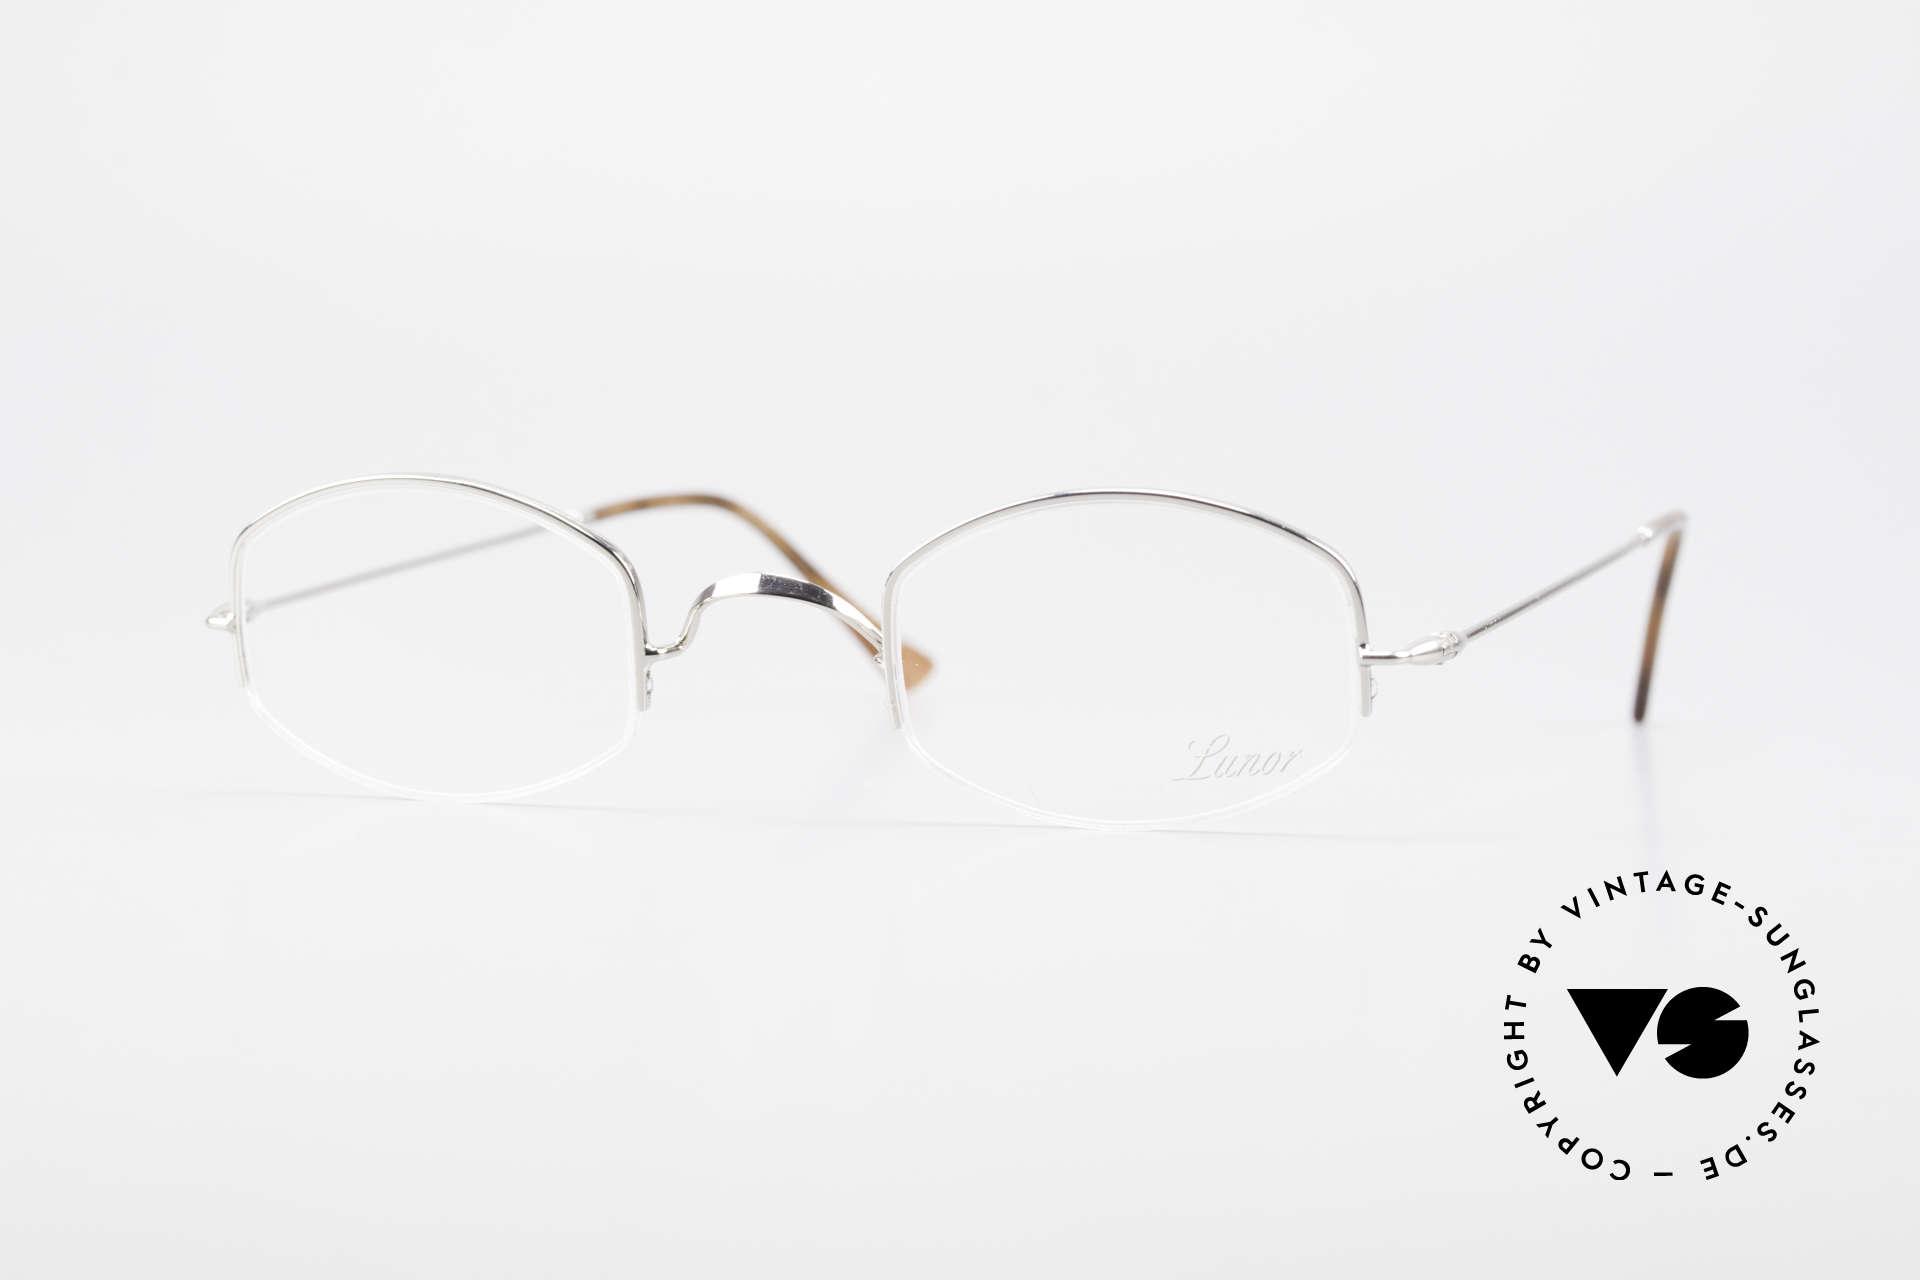 """Lunor Classic Halb Randlose Vintage Brille, LUNOR = französisch für """"Lunette d'Or"""" (Goldbrille), Passend für Herren und Damen"""